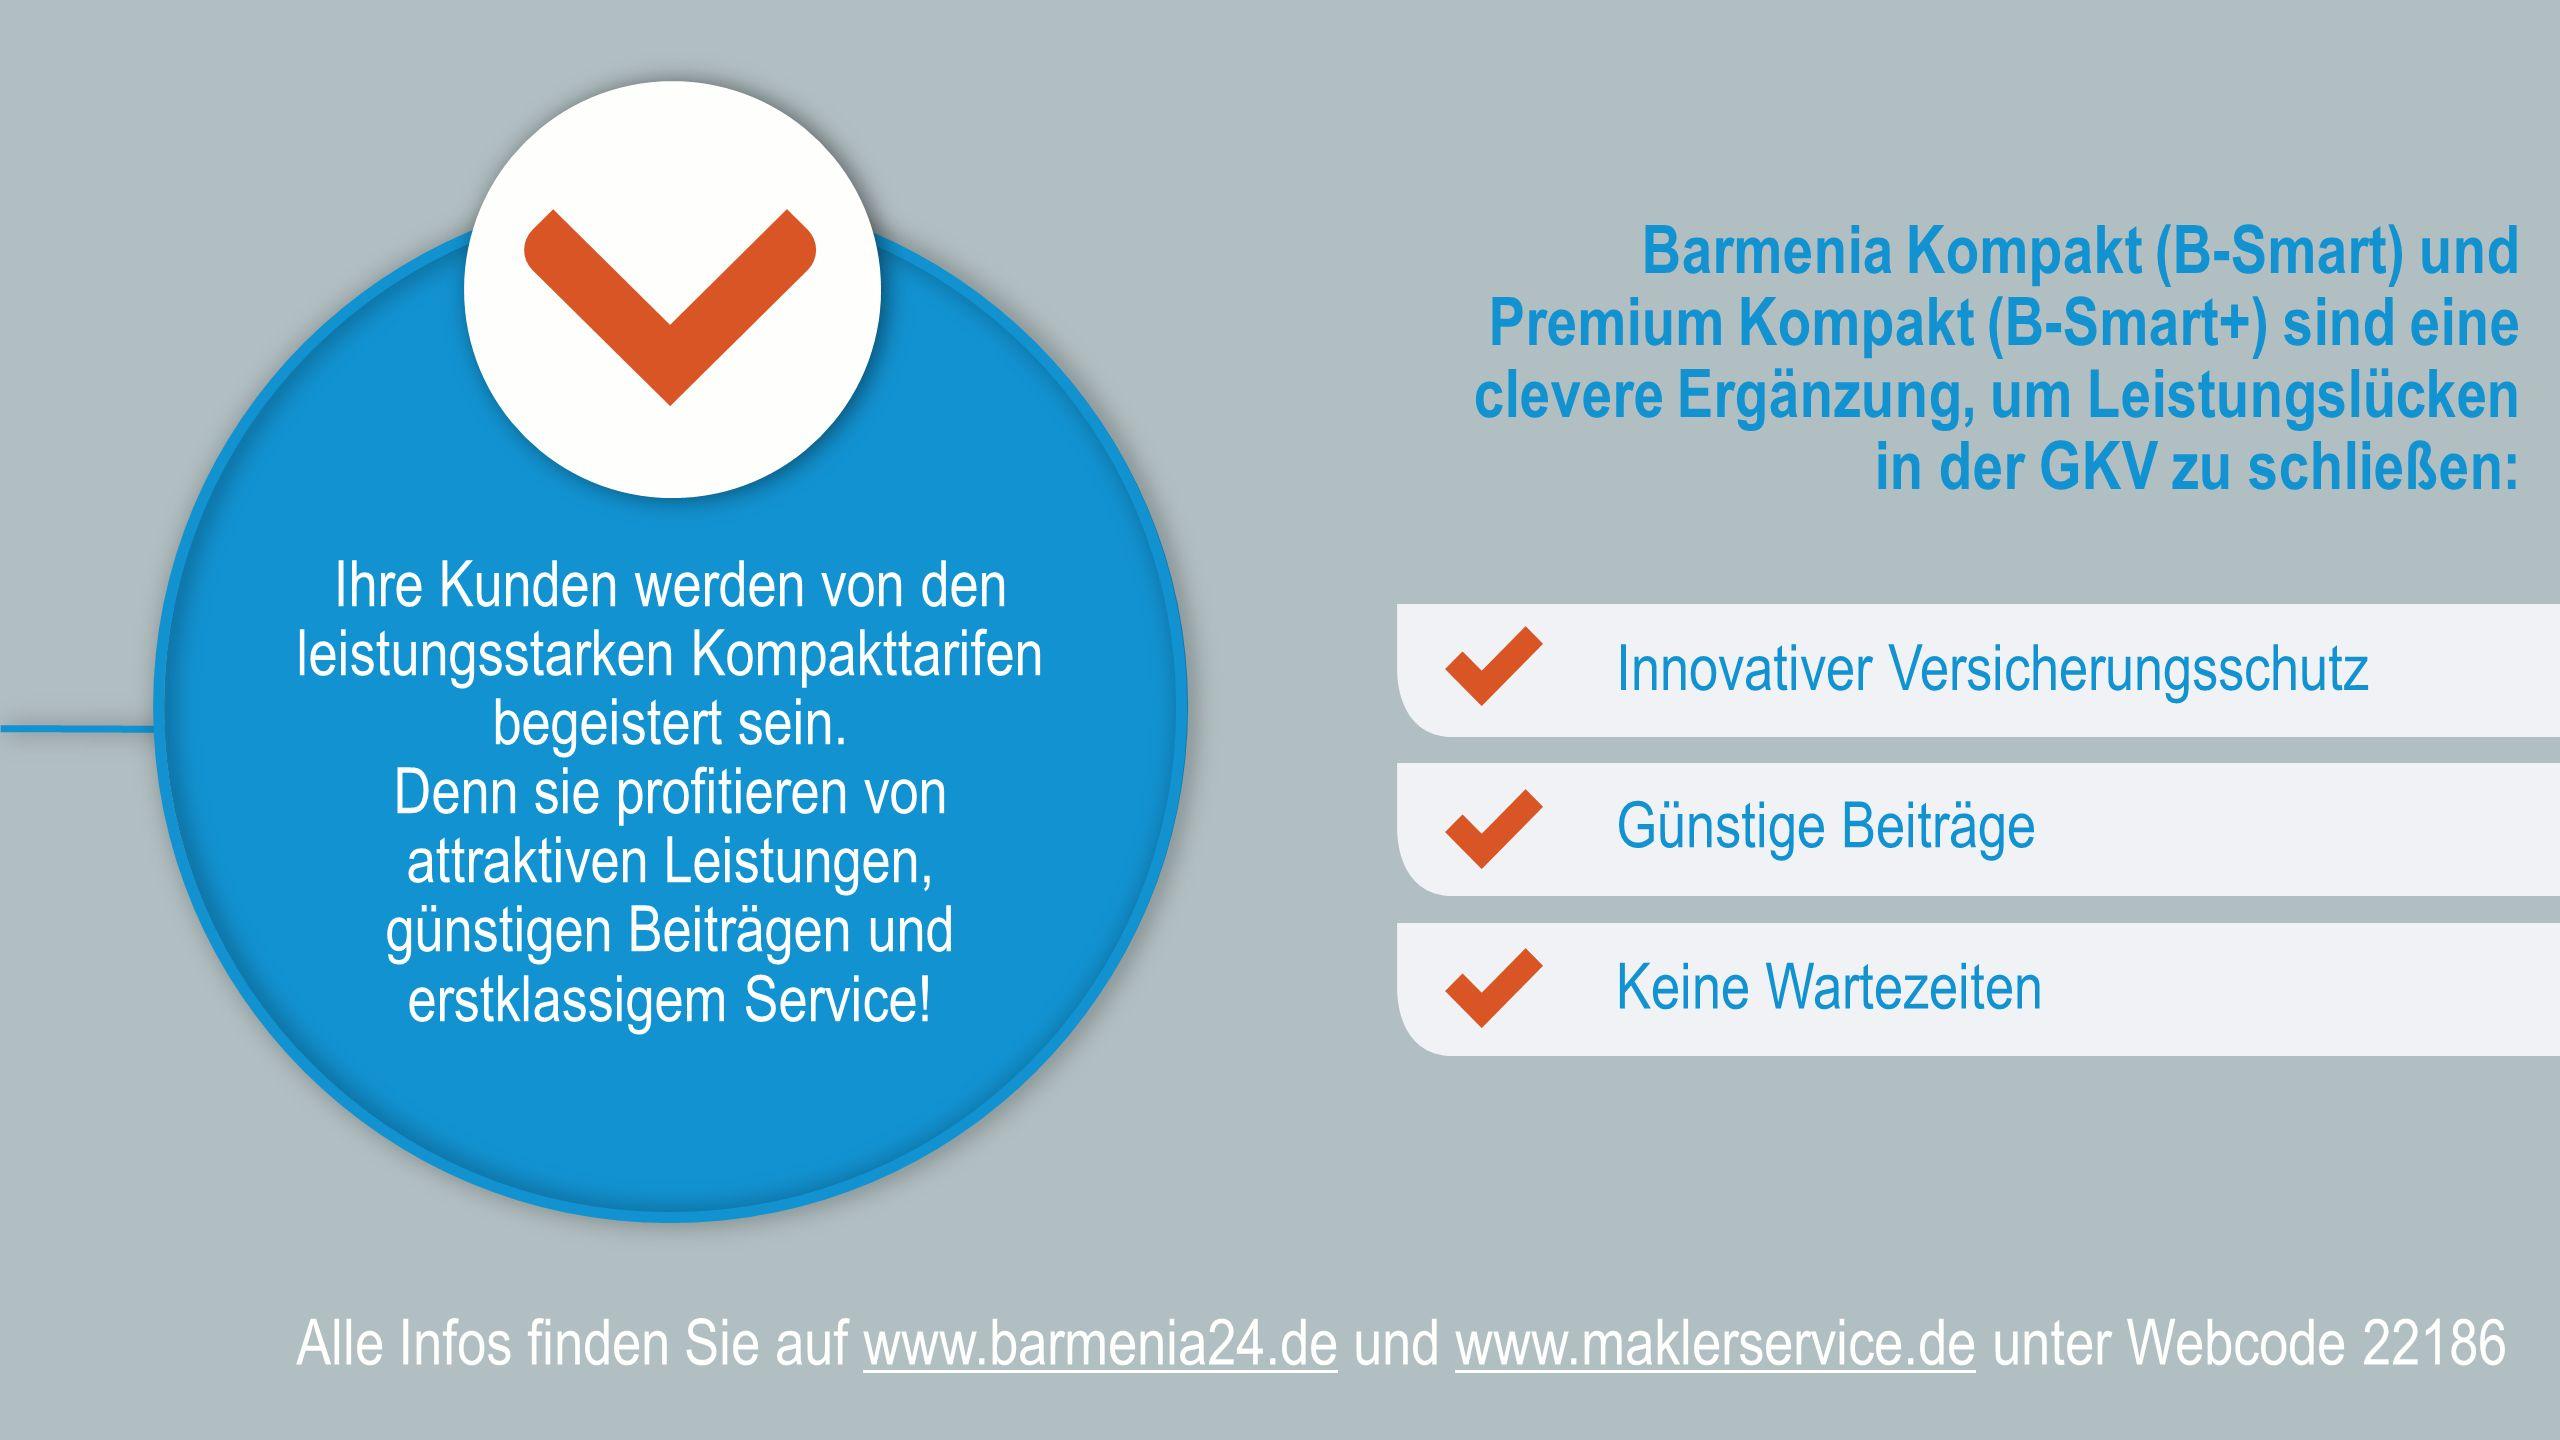 Alle Infos finden Sie auf www.barmenia24.de und www.maklerservice.de unter Webcode 22186 Barmenia Kompakt (B-Smart) und Premium Kompakt (B-Smart+) sind eine clevere Ergänzung, um Leistungslücken in der GKV zu schließen: Ihre Kunden werden von den leistungsstarken Kompakttarifen begeistert sein.